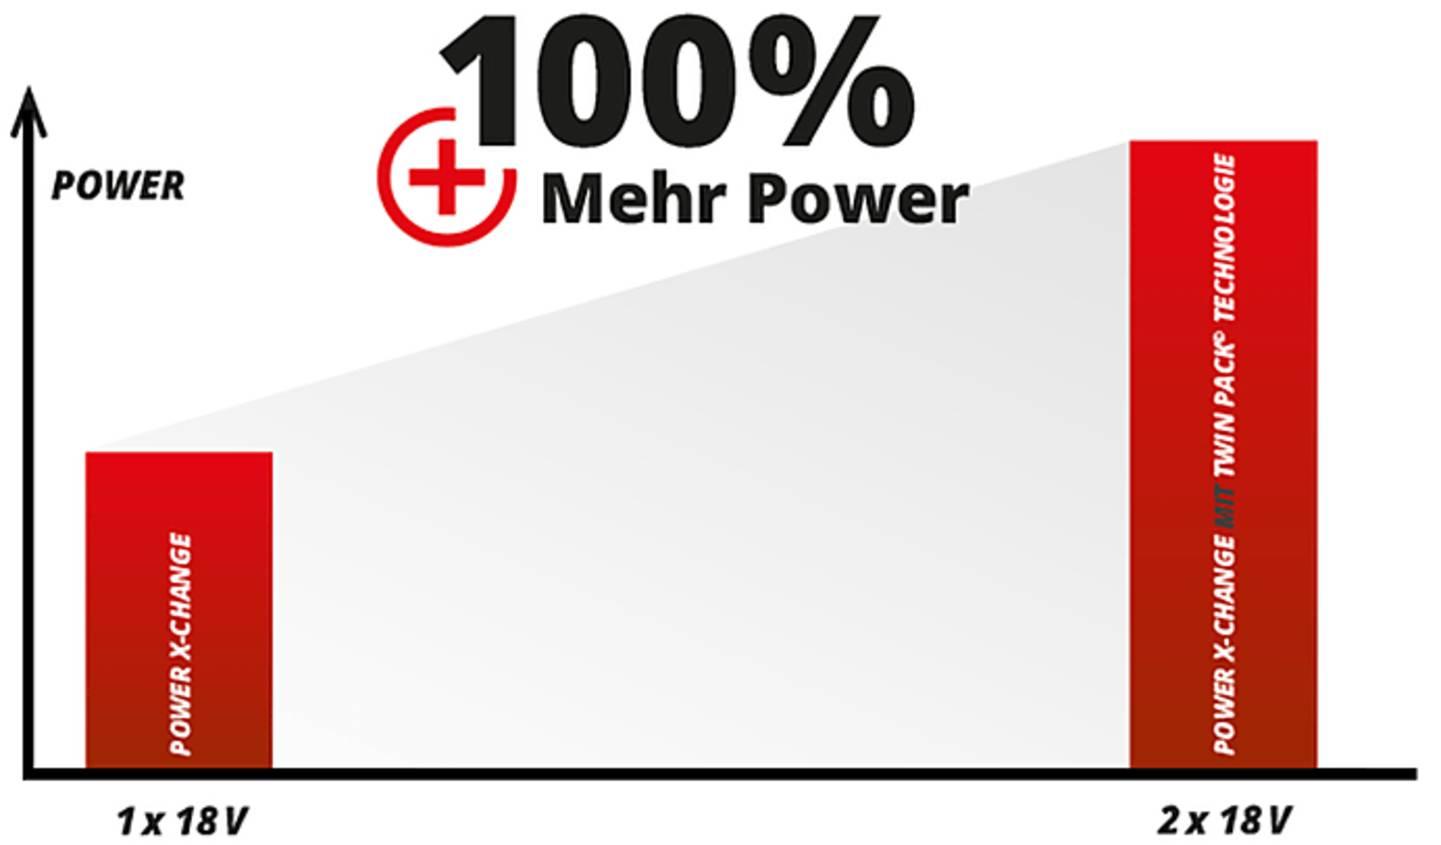 100% mehr Power